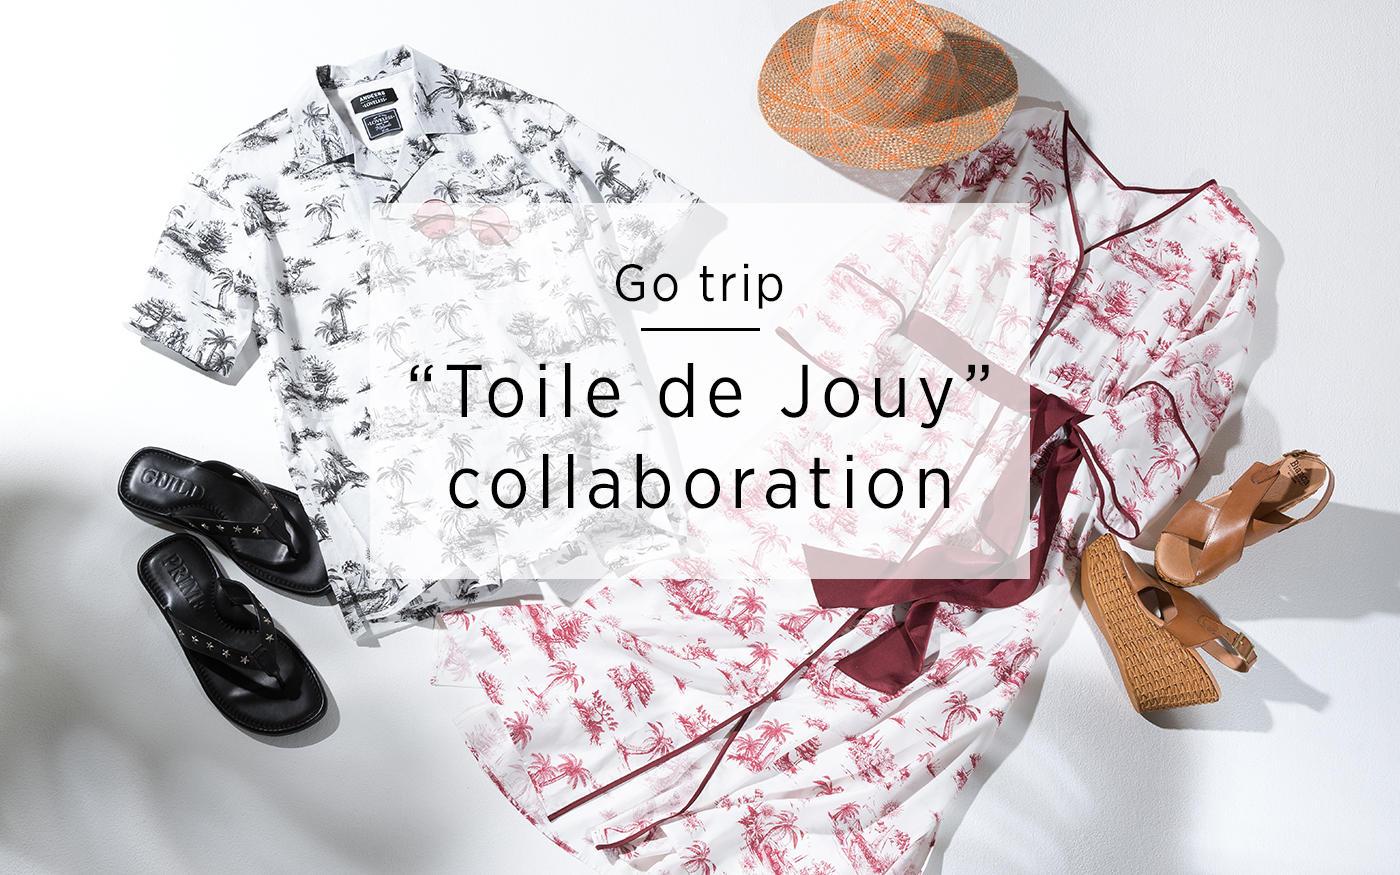 Go trip - 'Toile de Jouy' collaboration